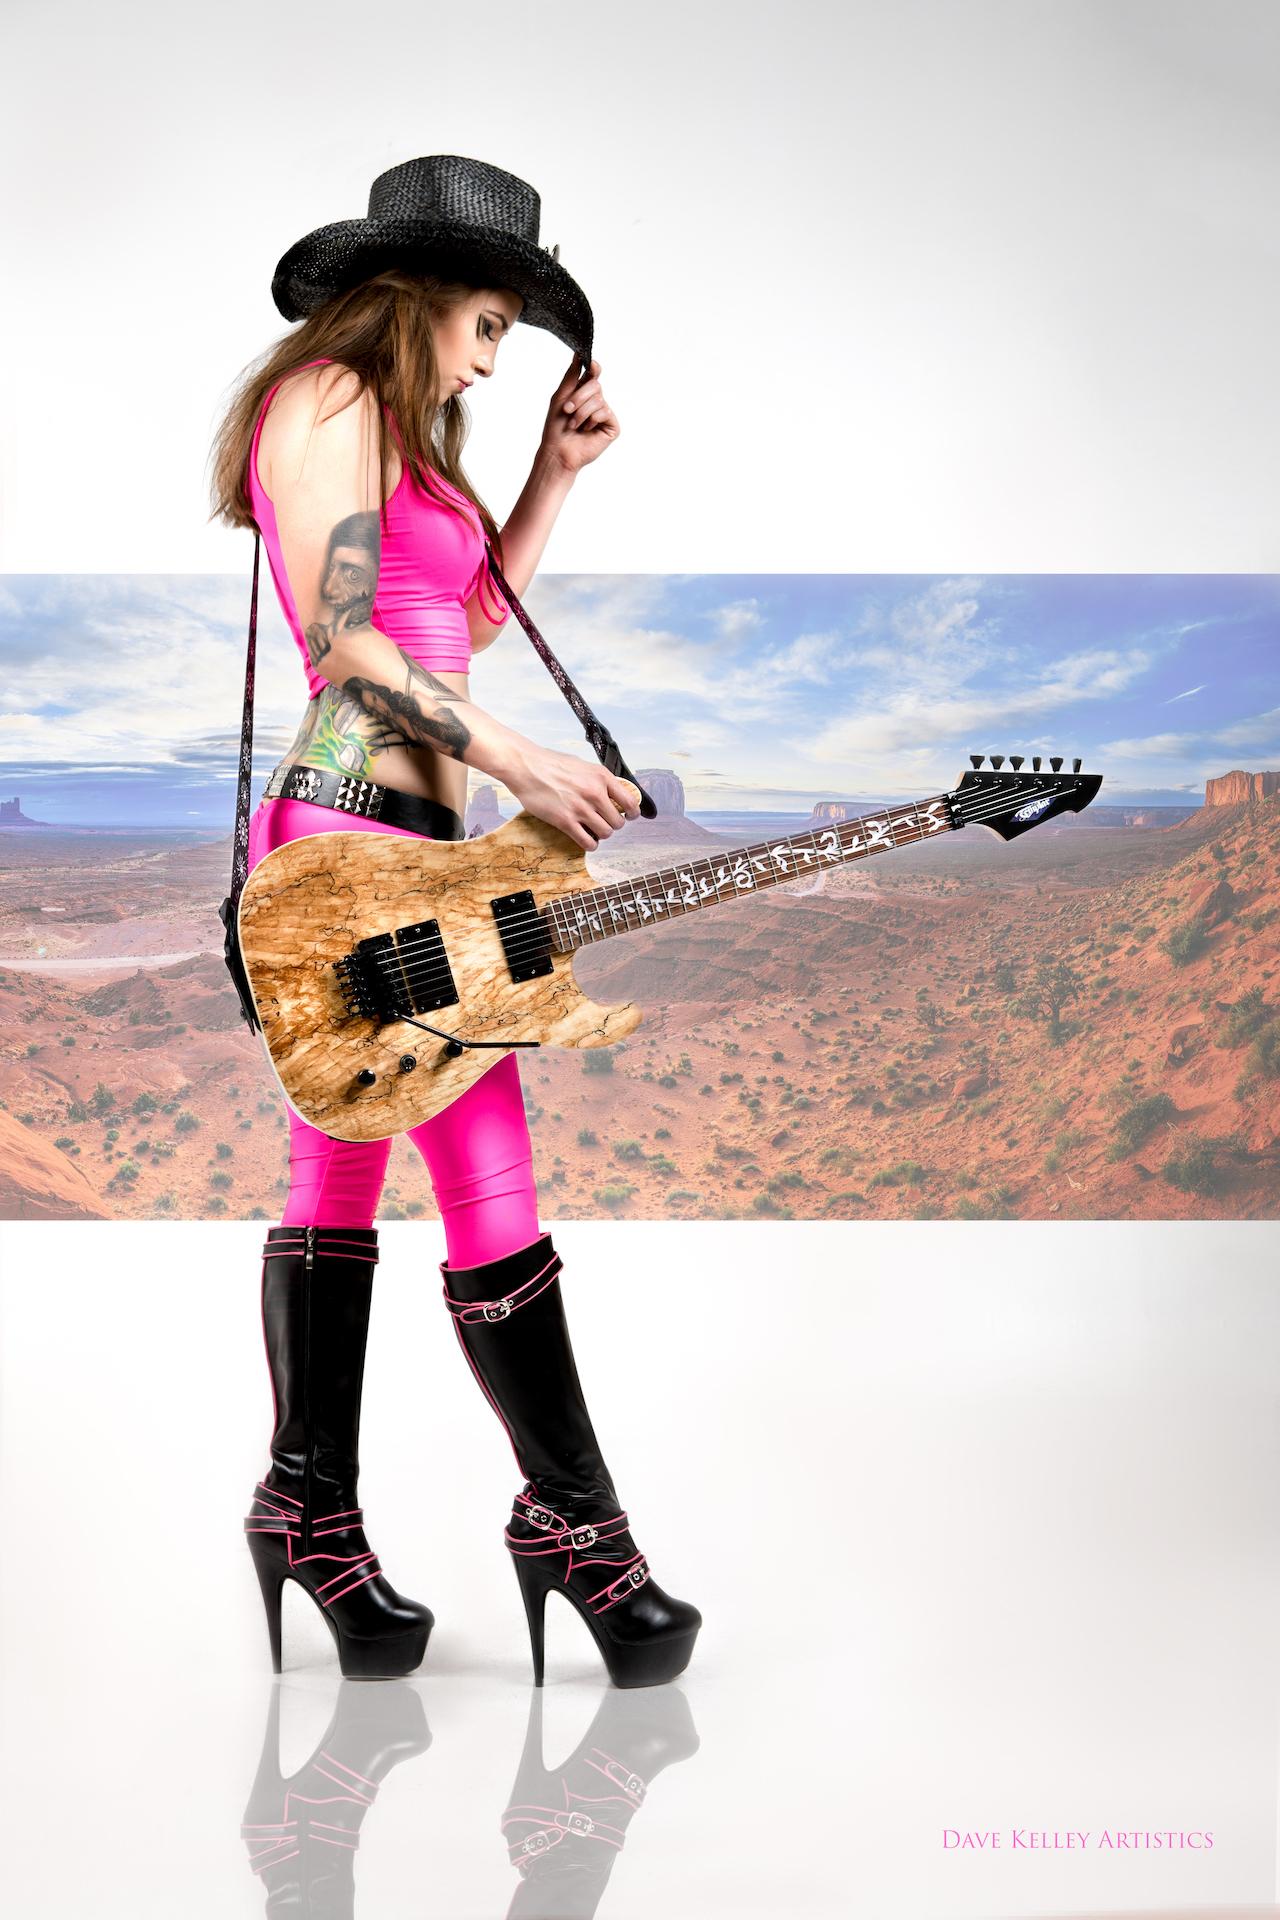 Guitar0517elyseMckee - IMGL1129-Edit-Edit.jpg